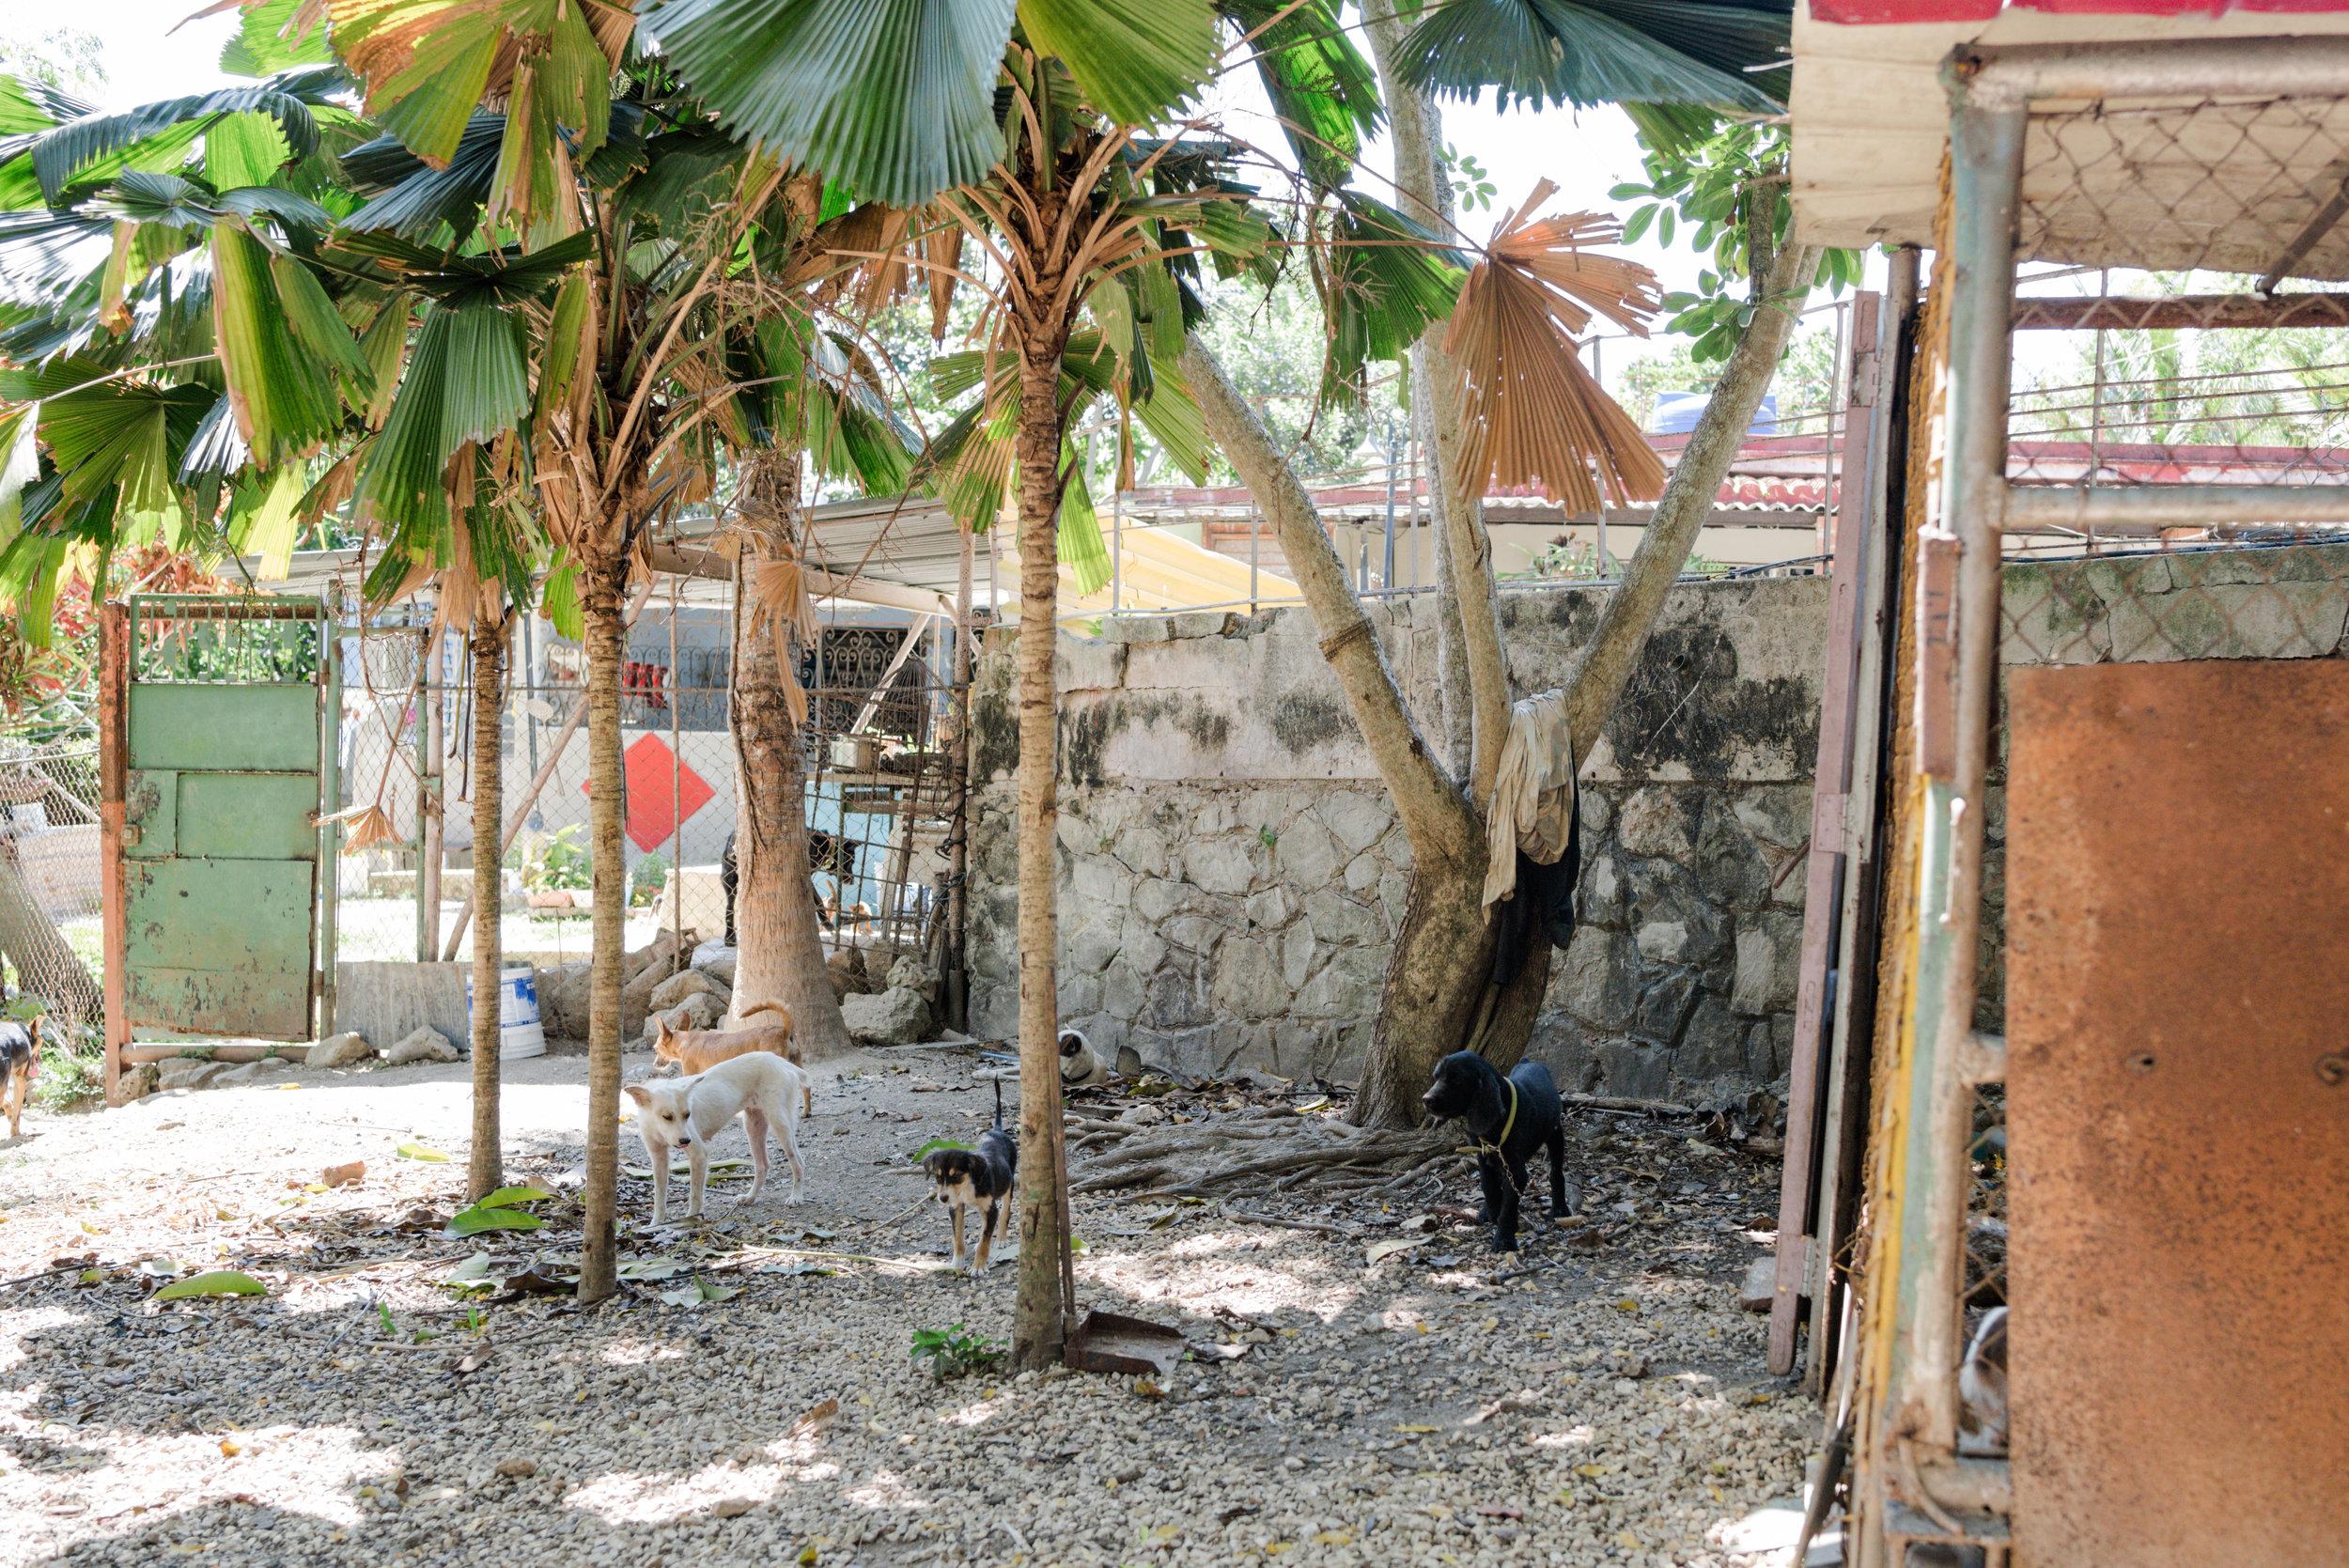 Cuba_dogs-120-10.jpg